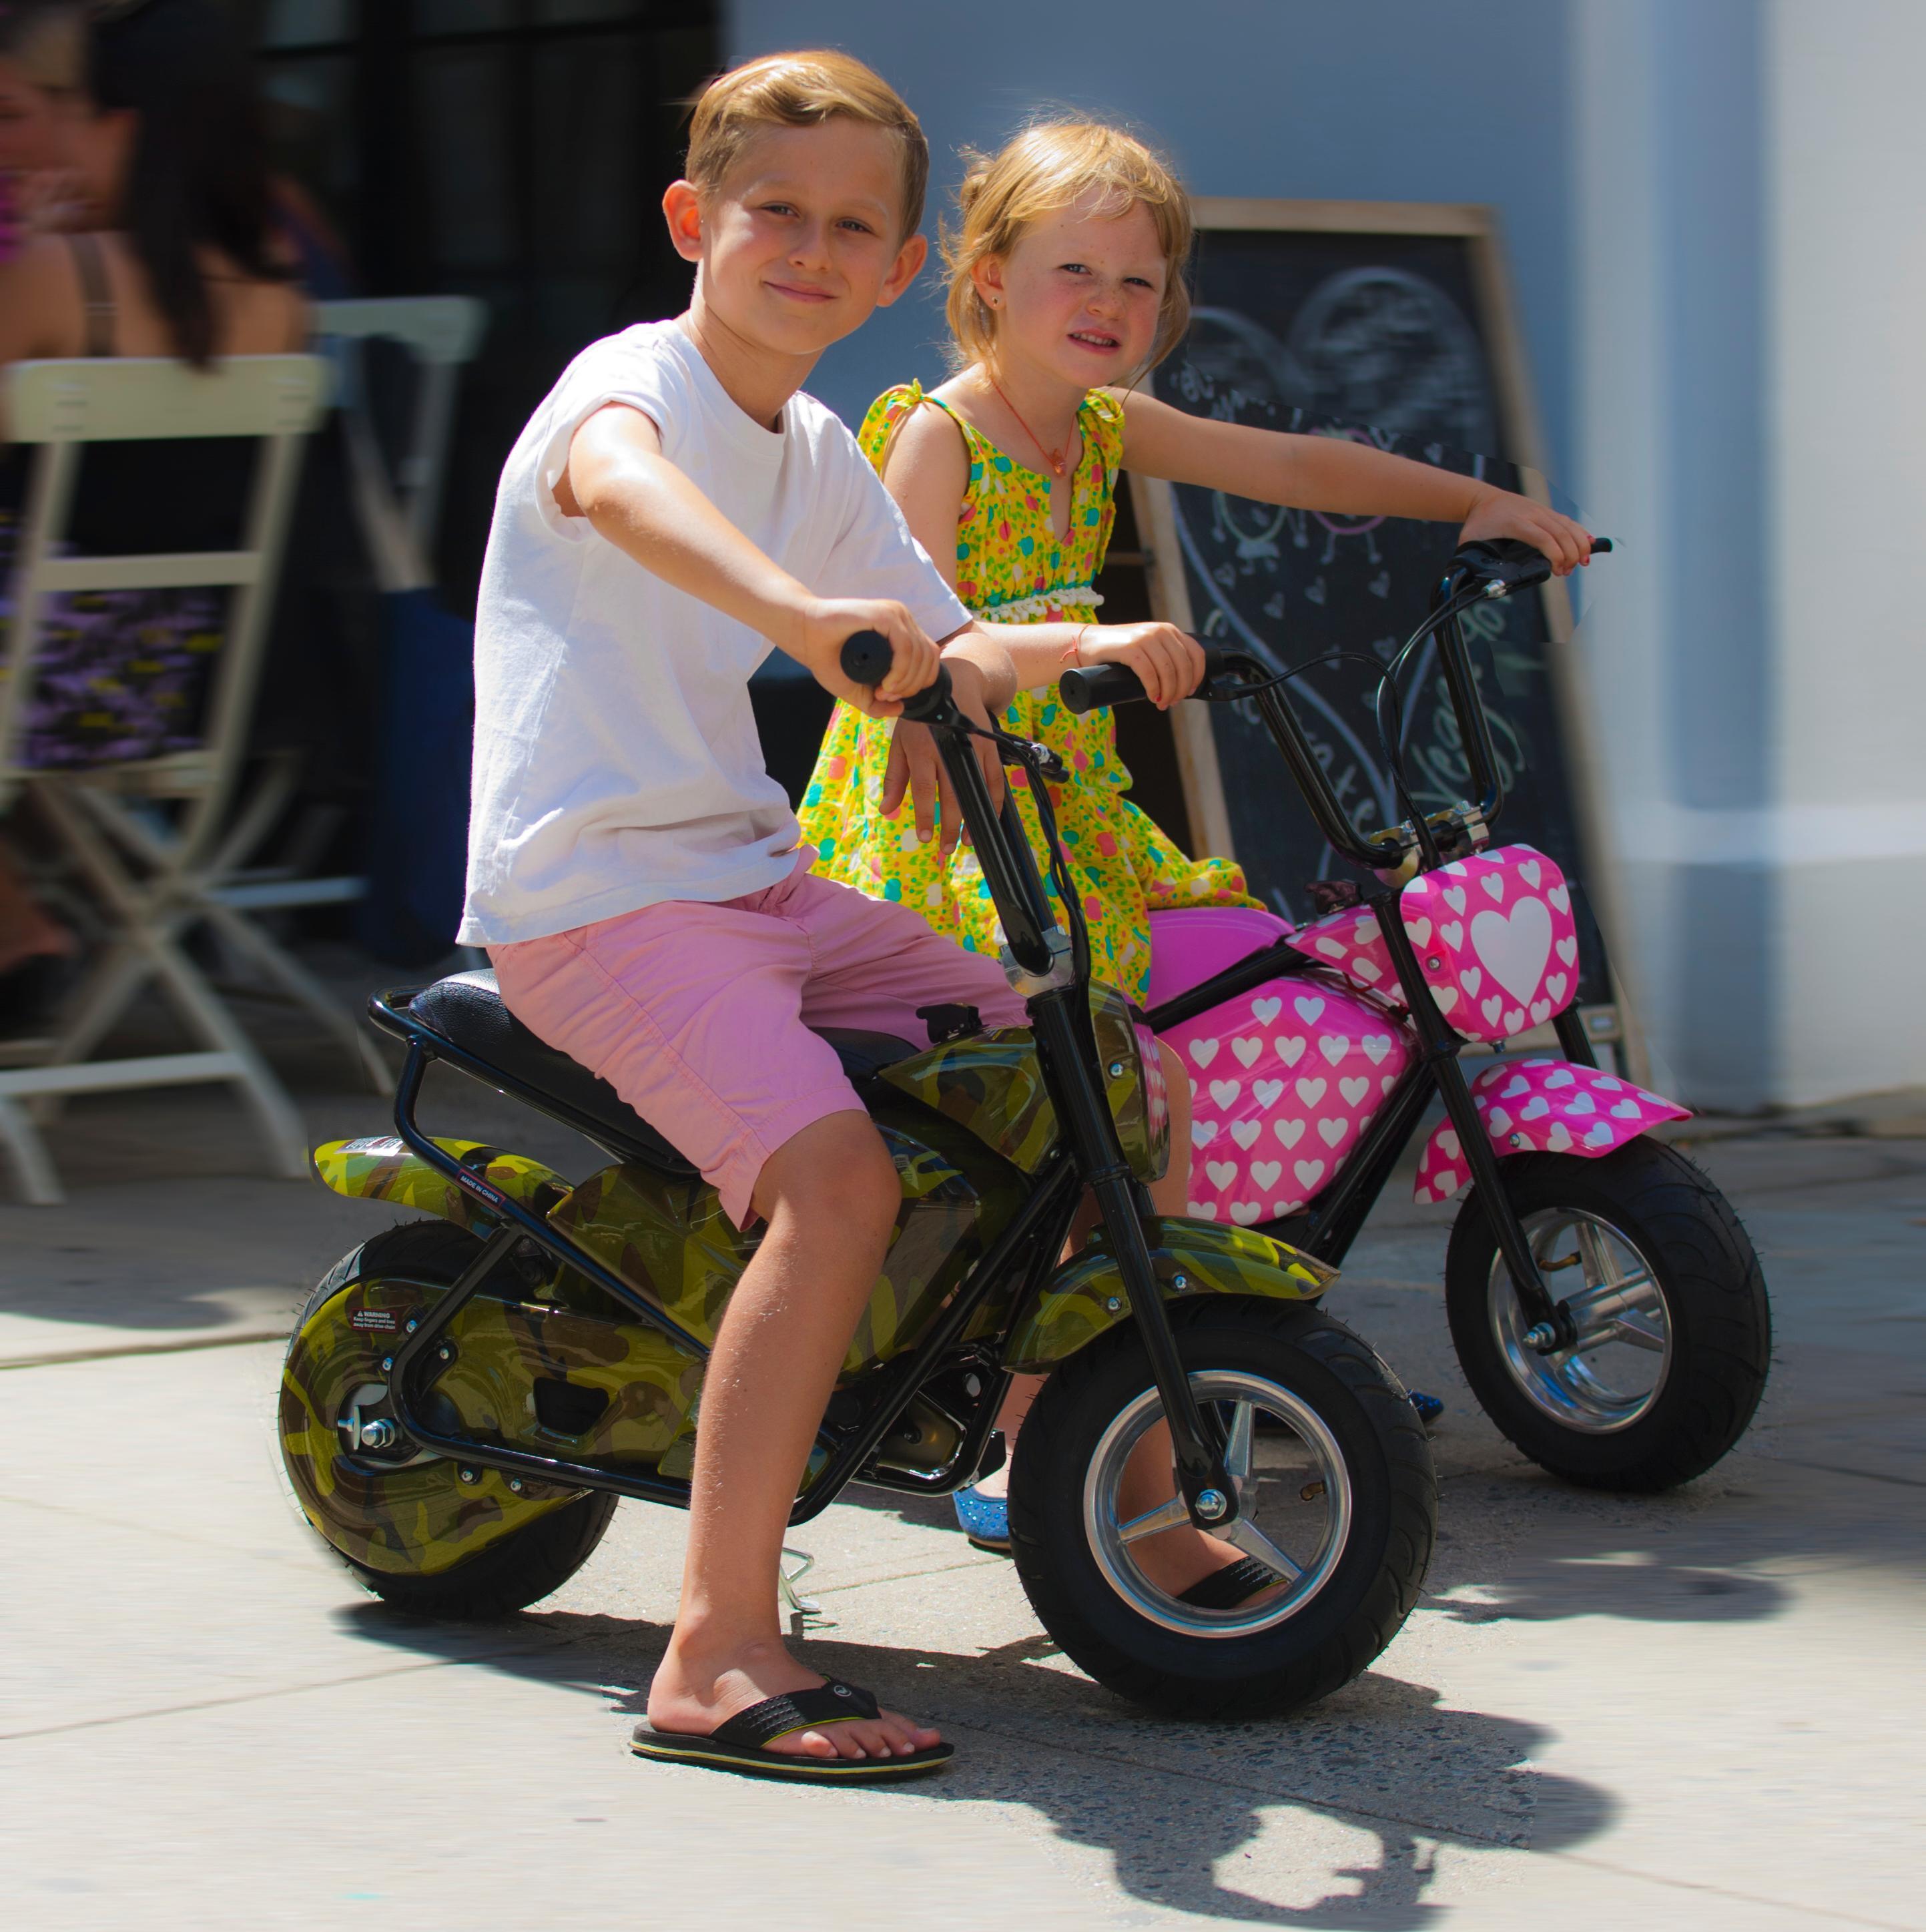 Amazon.com : Jetson Electric Bikes Junior E-Bike, Flames, 15-Inch